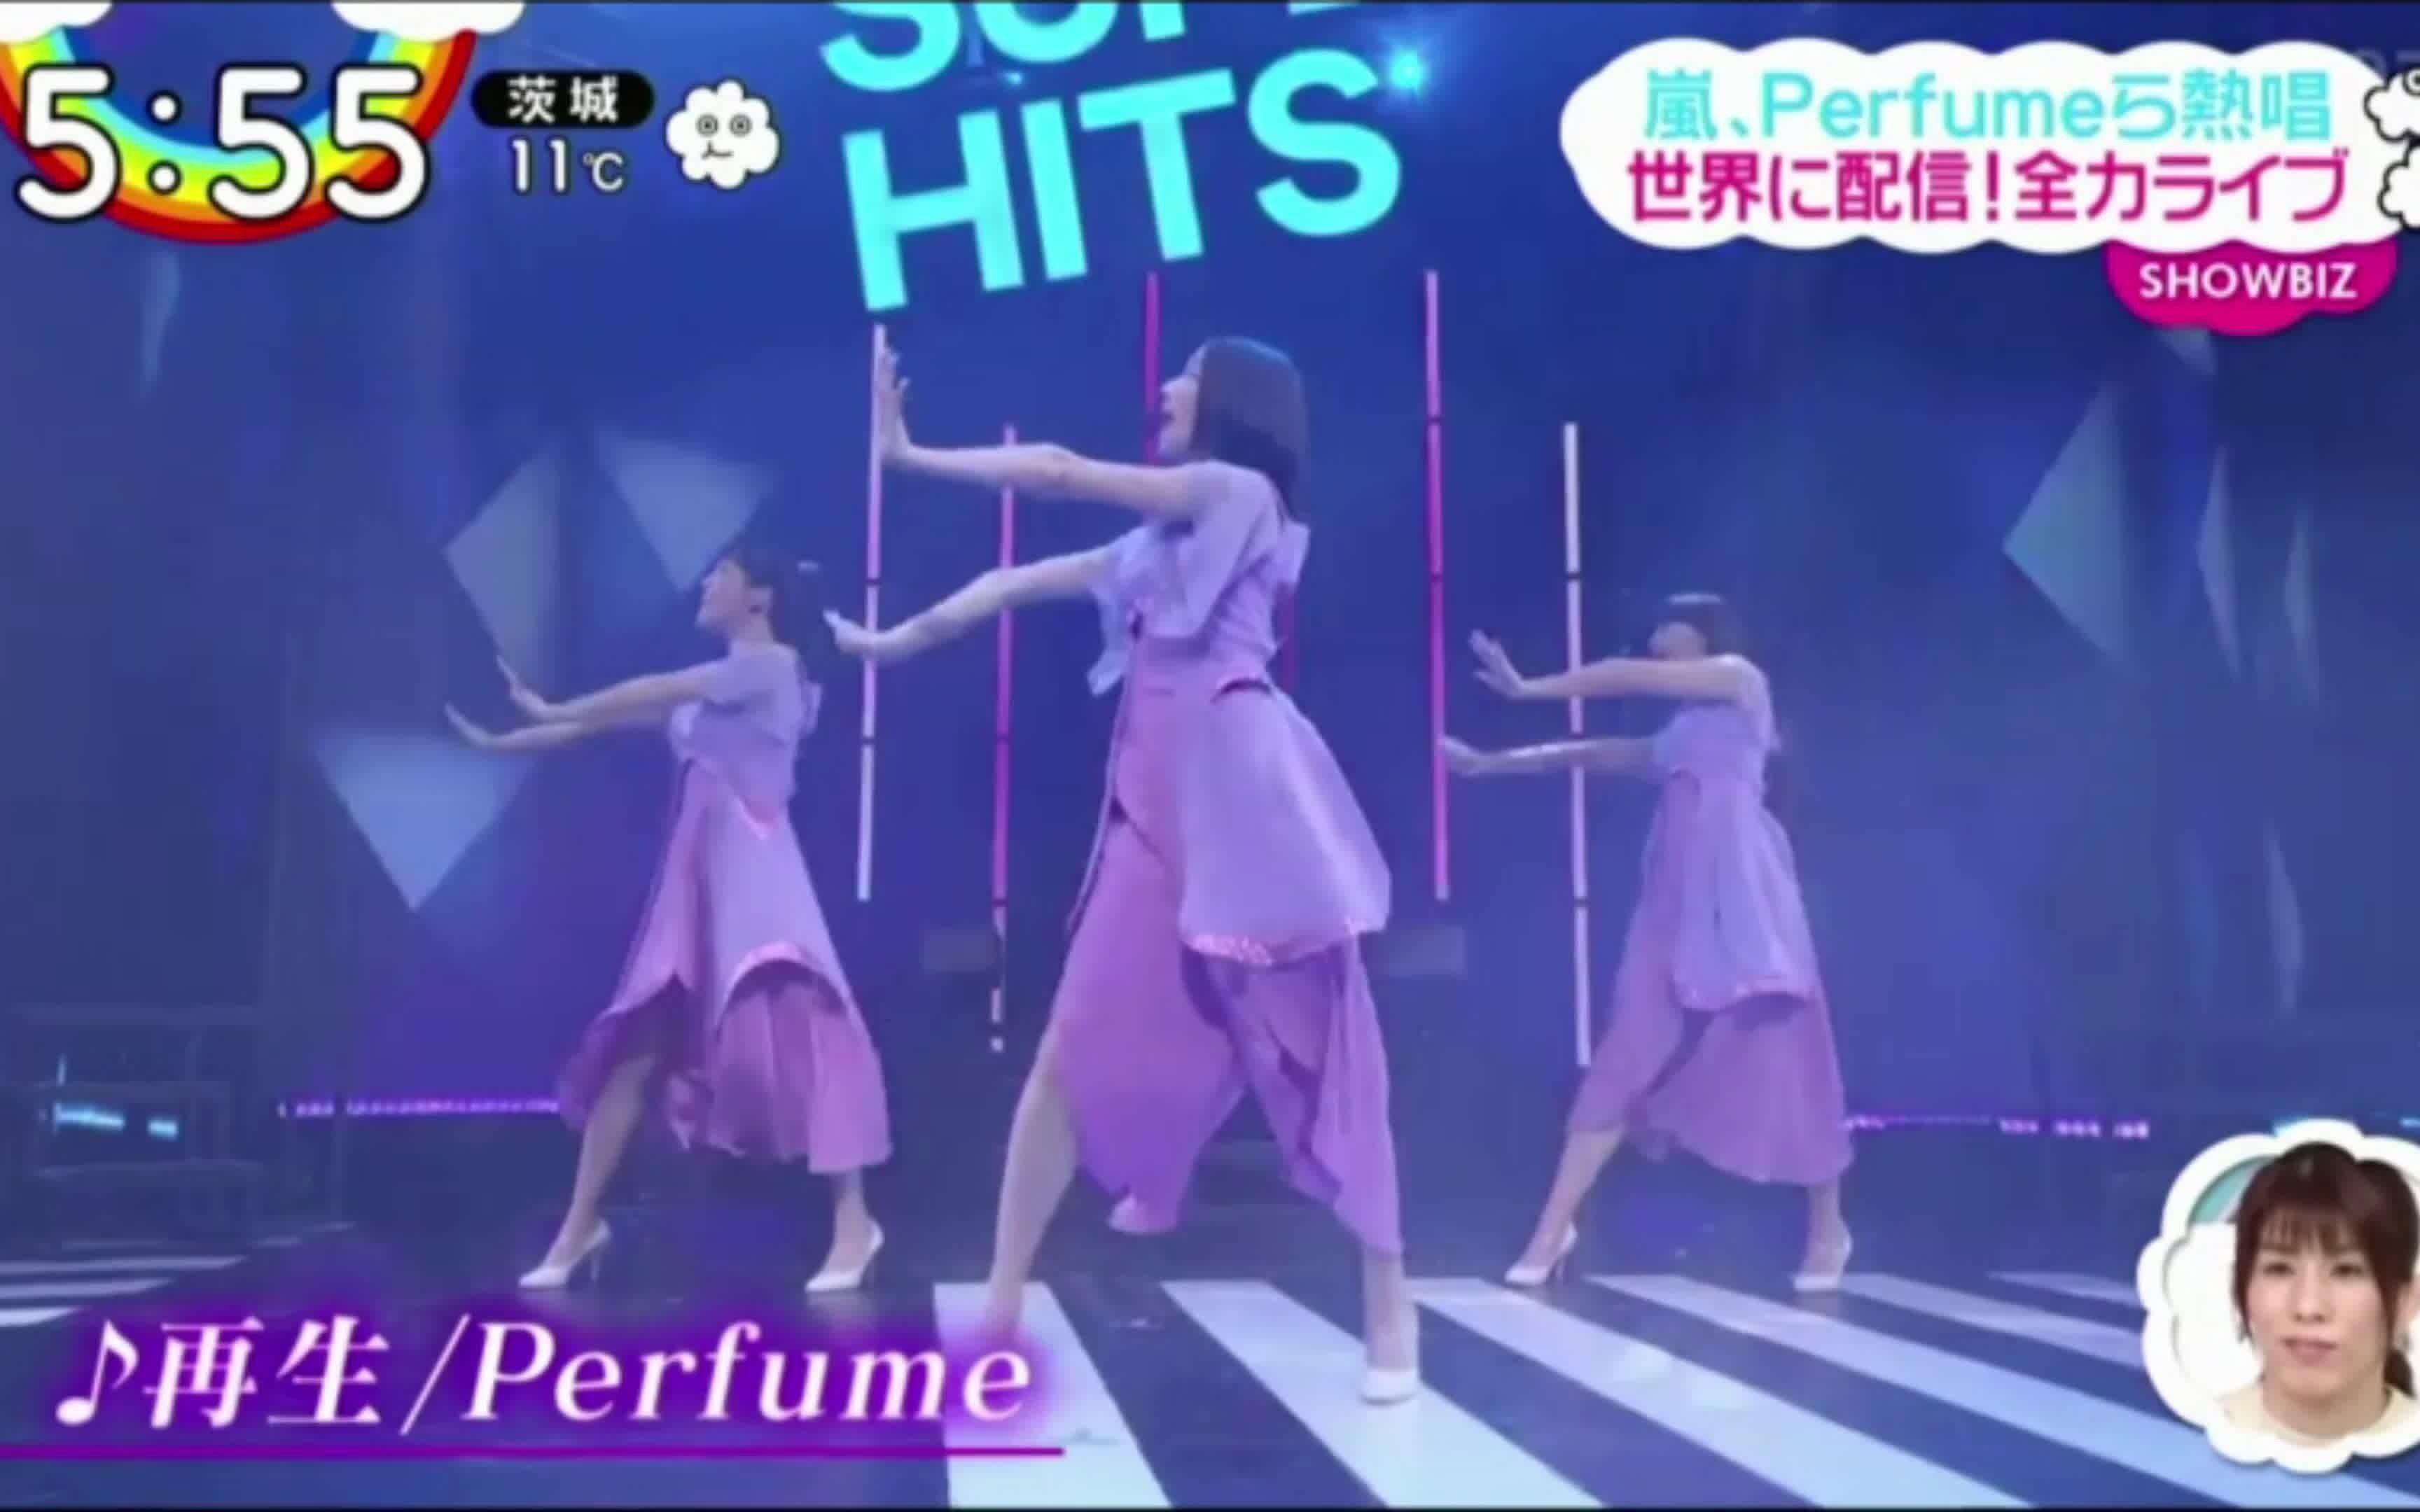 2020-11-27_めざましテレビ-嵐 マカロニえんぴつ Perfume Spotify 初のオンラインライブ【生肉】